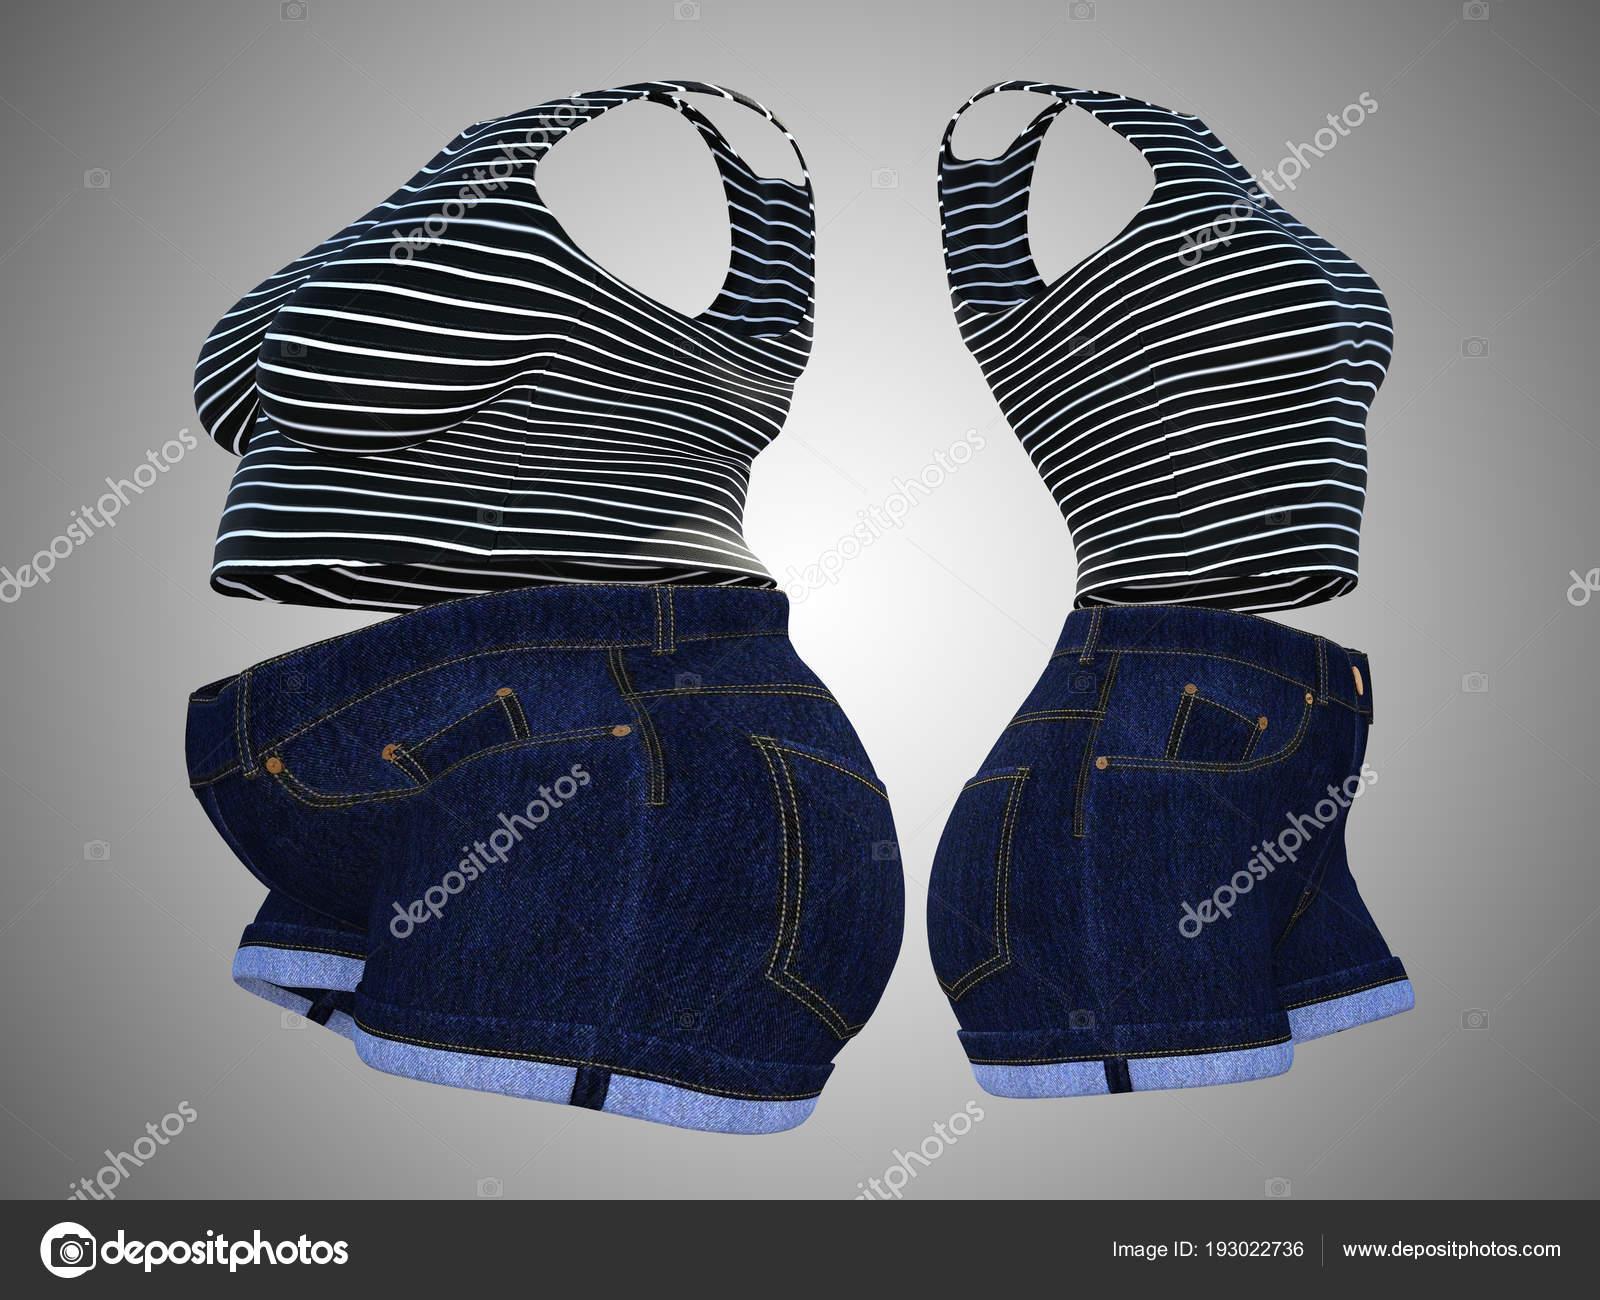 21587f9c7c81 Εννοιολογική λίπος Γυναικεία ρούχα στολή vs slim fit υγιές σώμα μετά από  απώλεια βάρους — Εικόνα από ...